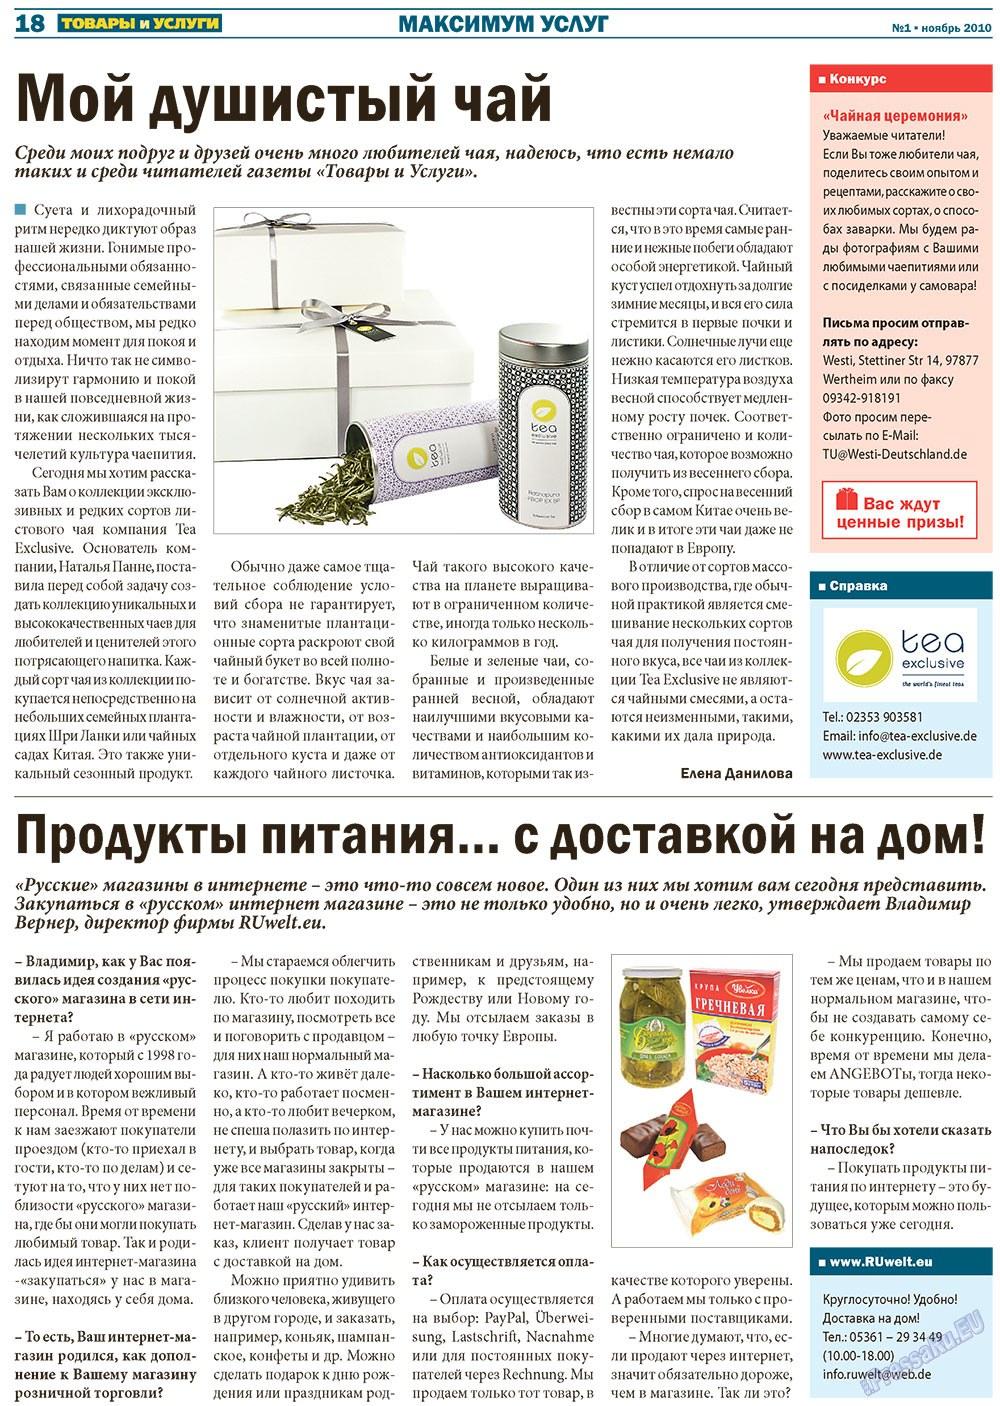 Товары и услуги (газета). 2010 год, номер 1, стр. 18